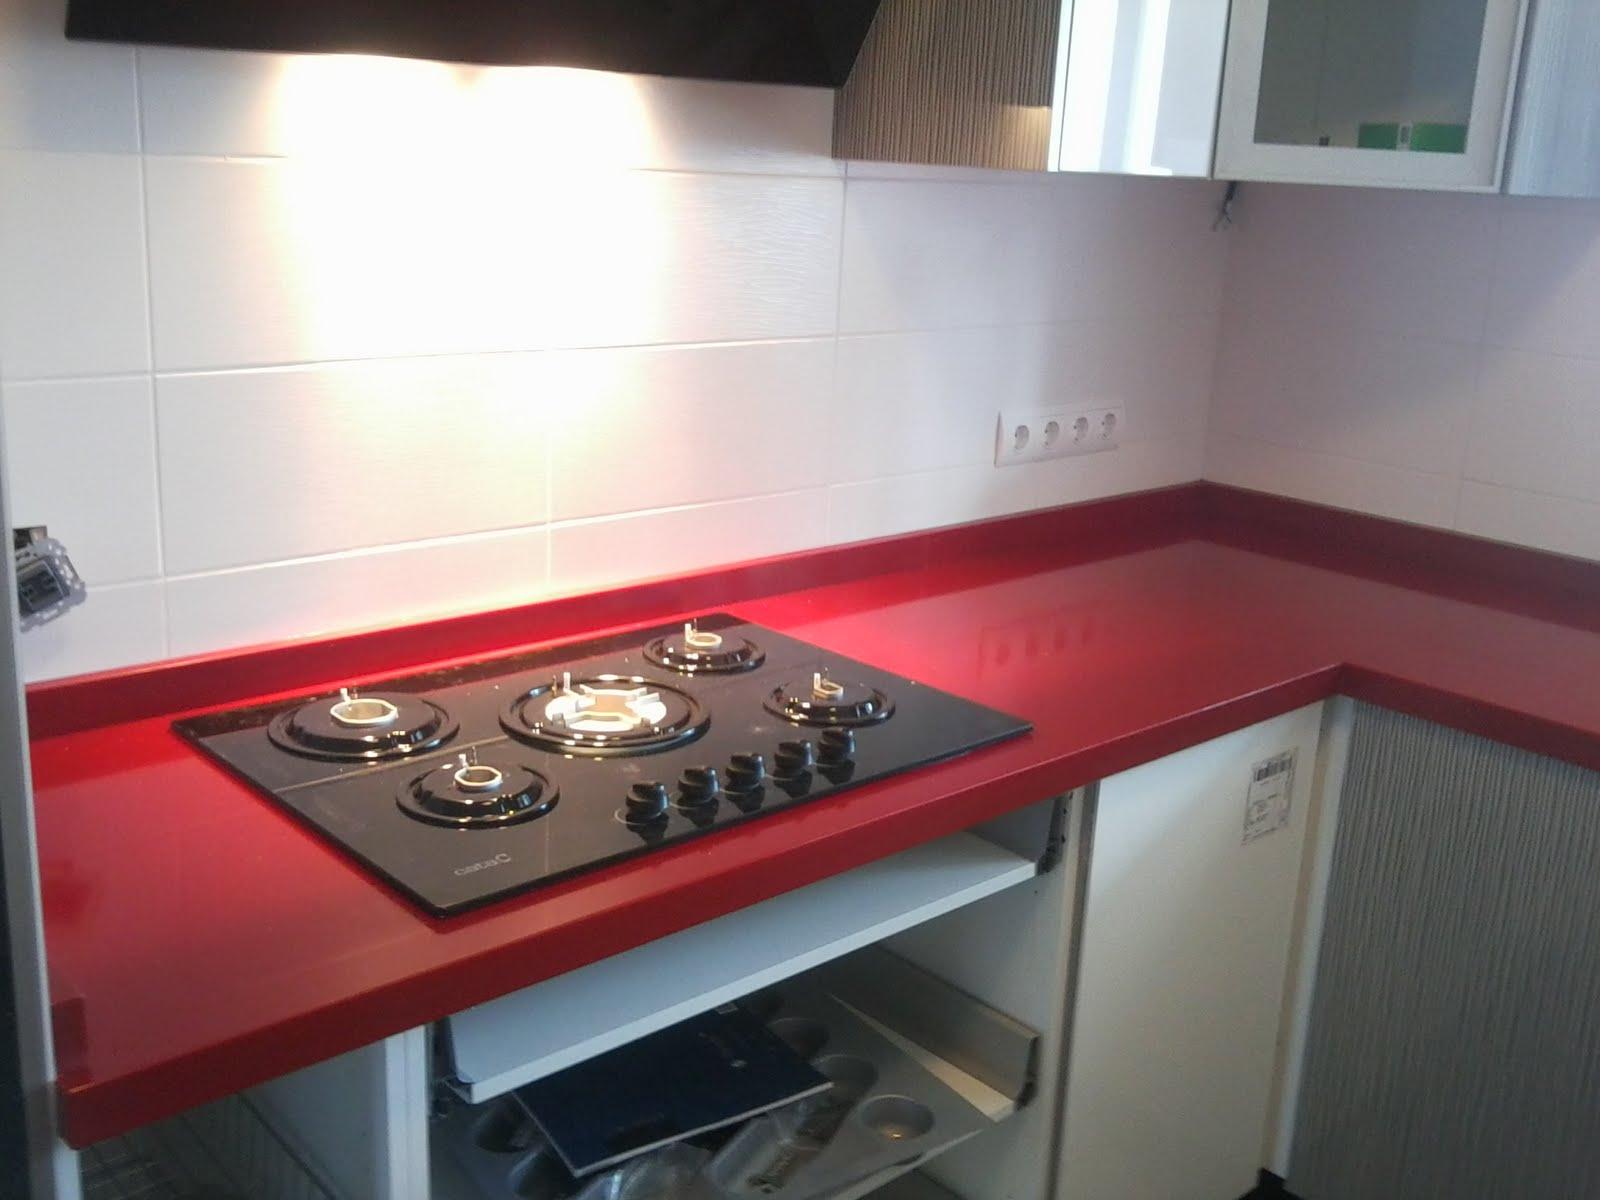 Piedralia global s l encimera de cocina en compac rojo - Encimeras de cocina compac ...